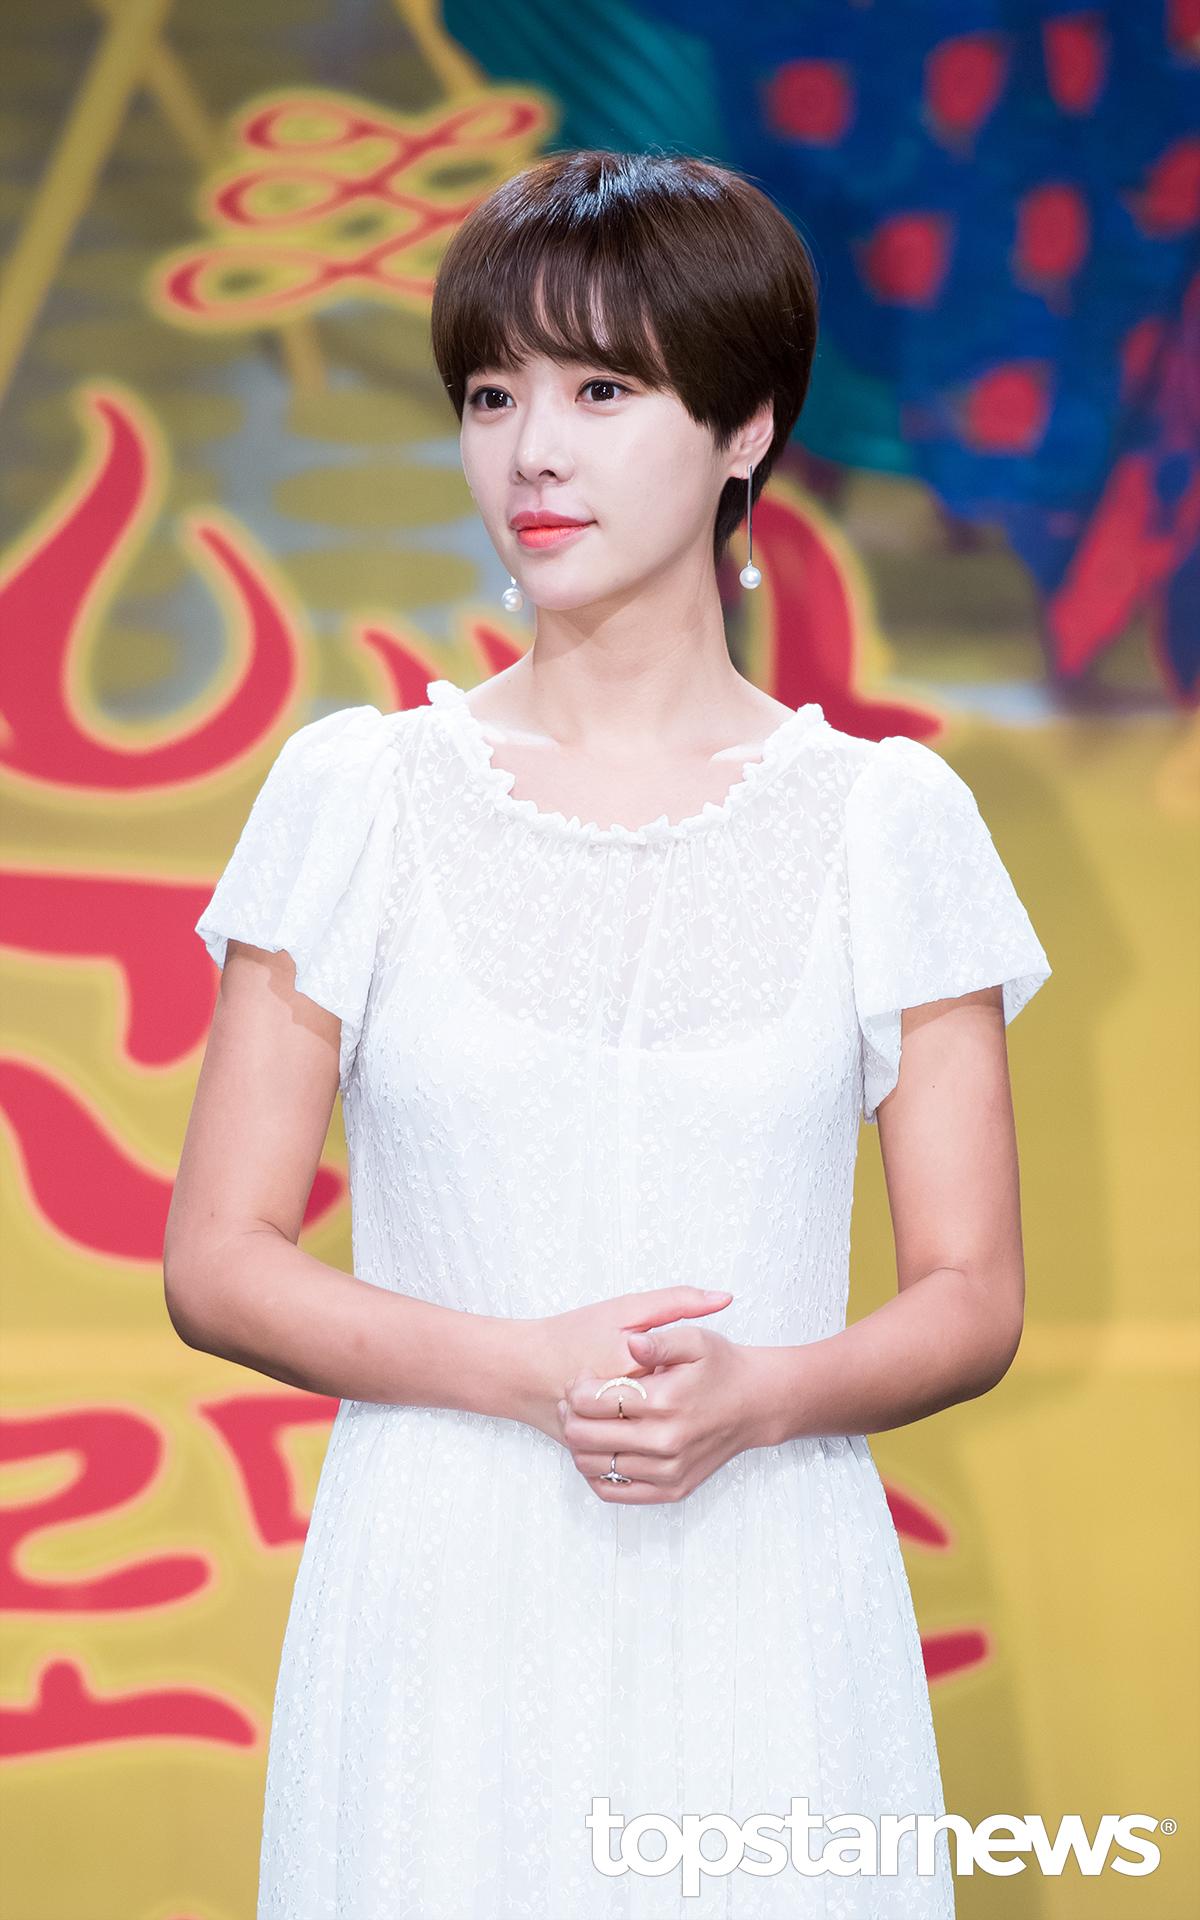 最近韓國討論度蠻高的《好運羅曼史》女主角黃正音更是在劇中使用了今年推出的限量色【512裸粉舞鞋】和【505亮粉手拿包】